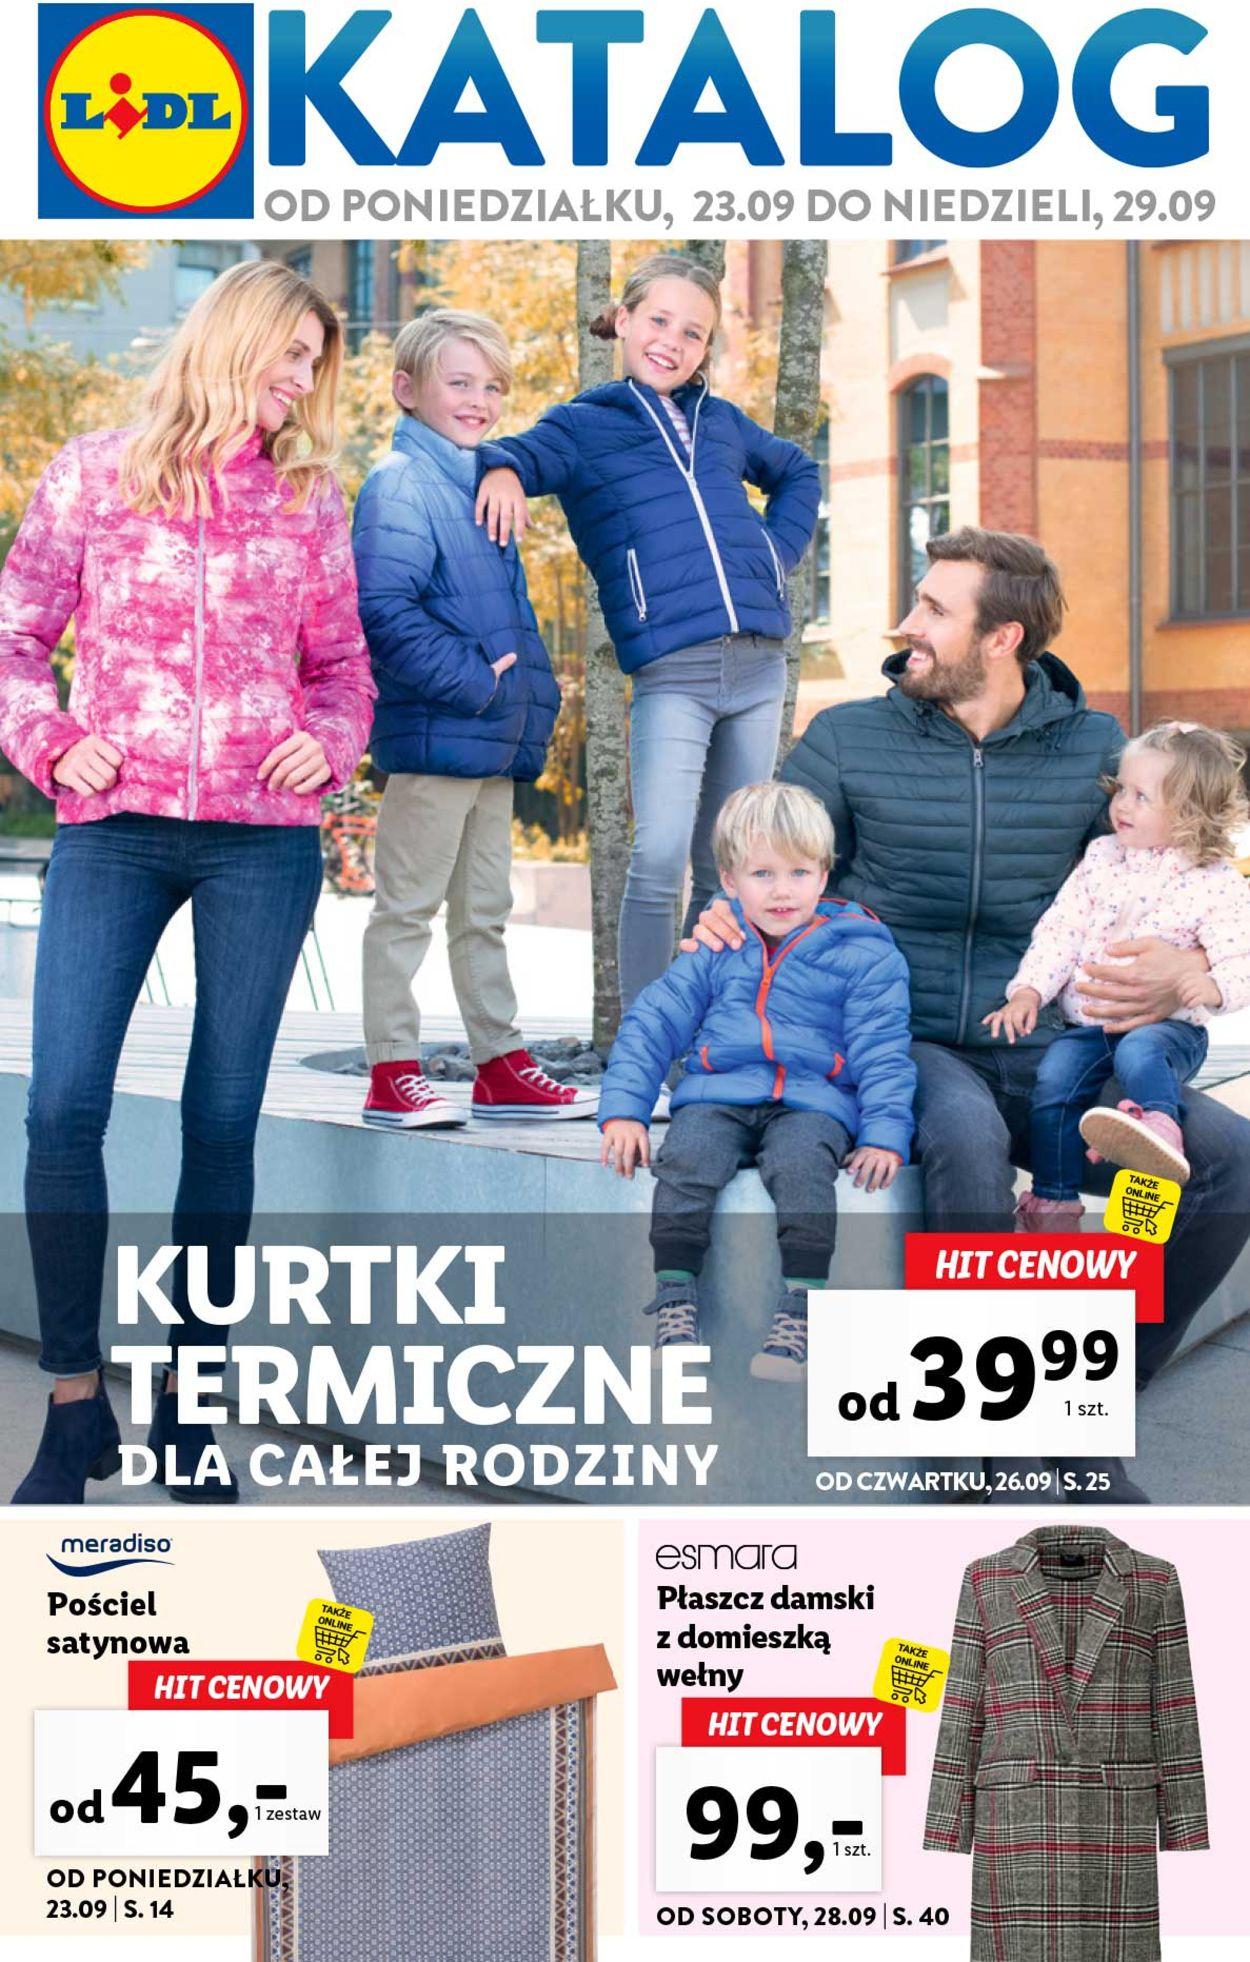 Gazetka promocyjna LIDL - 23.09-29.09.2019